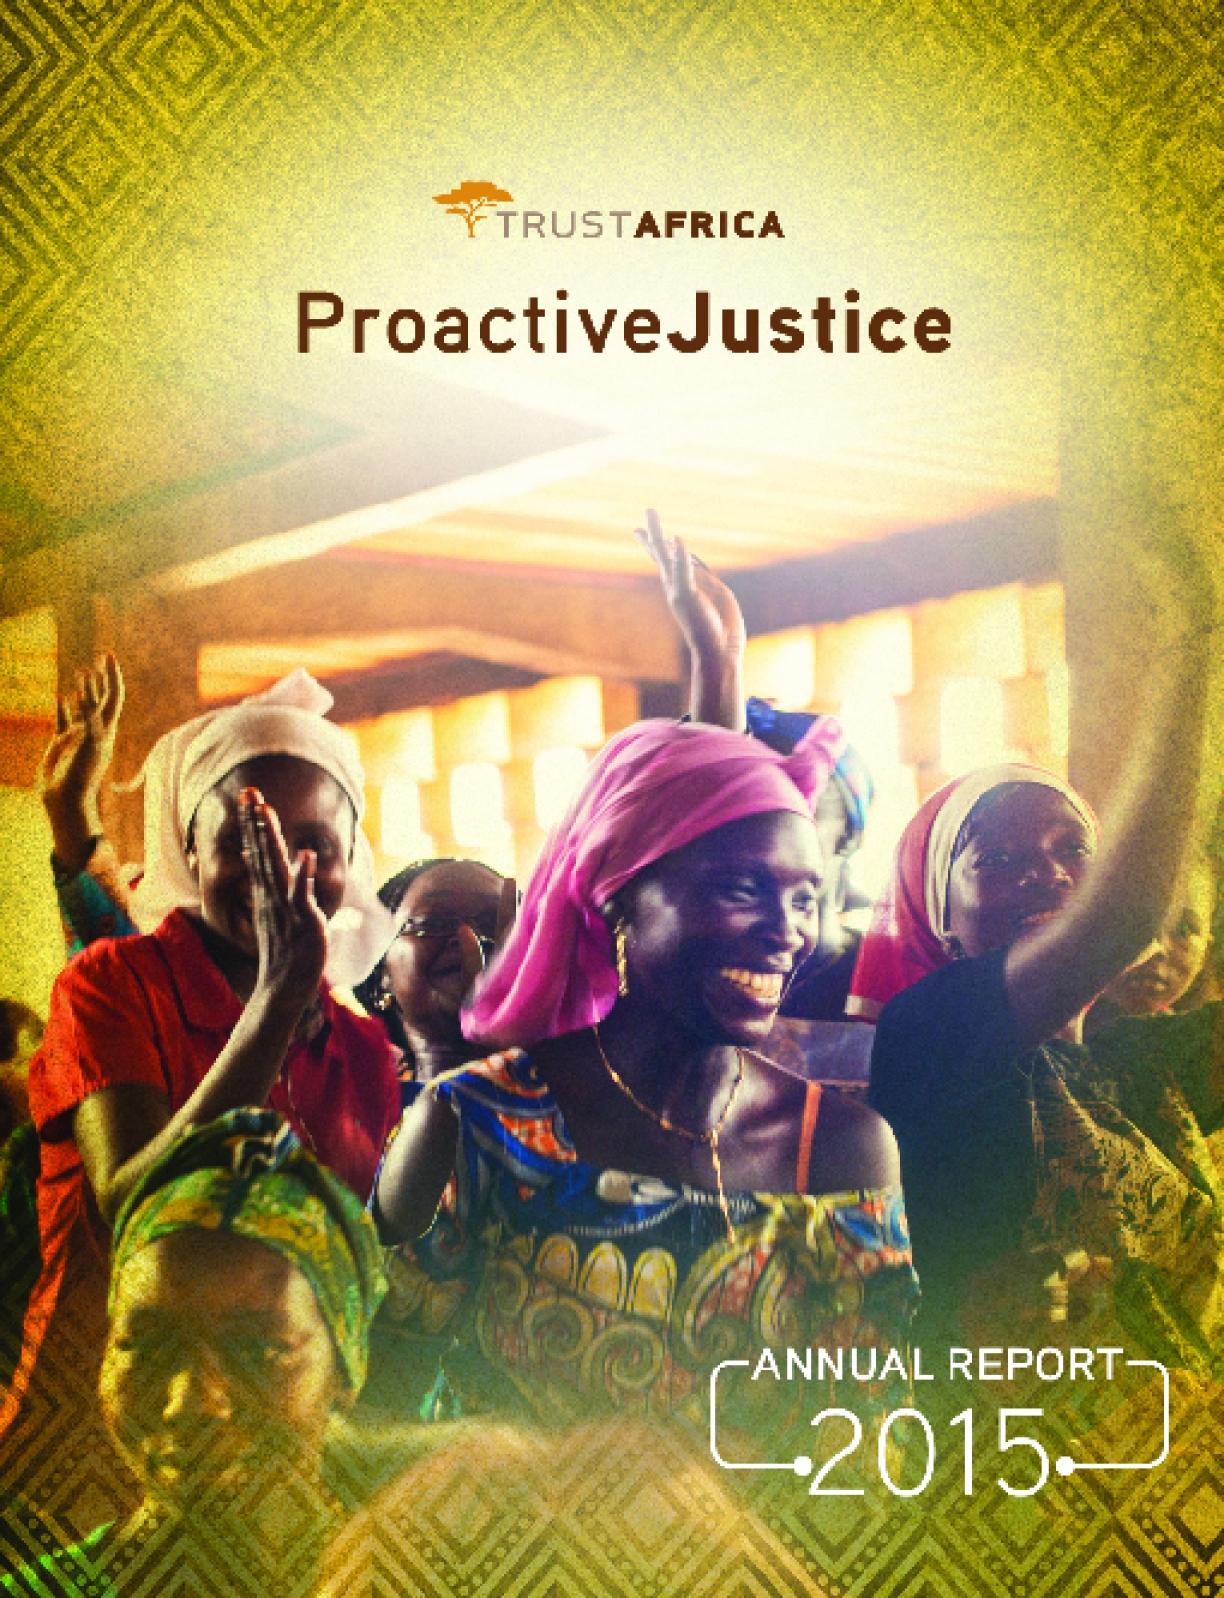 TrustAfrica Annual Report 2015